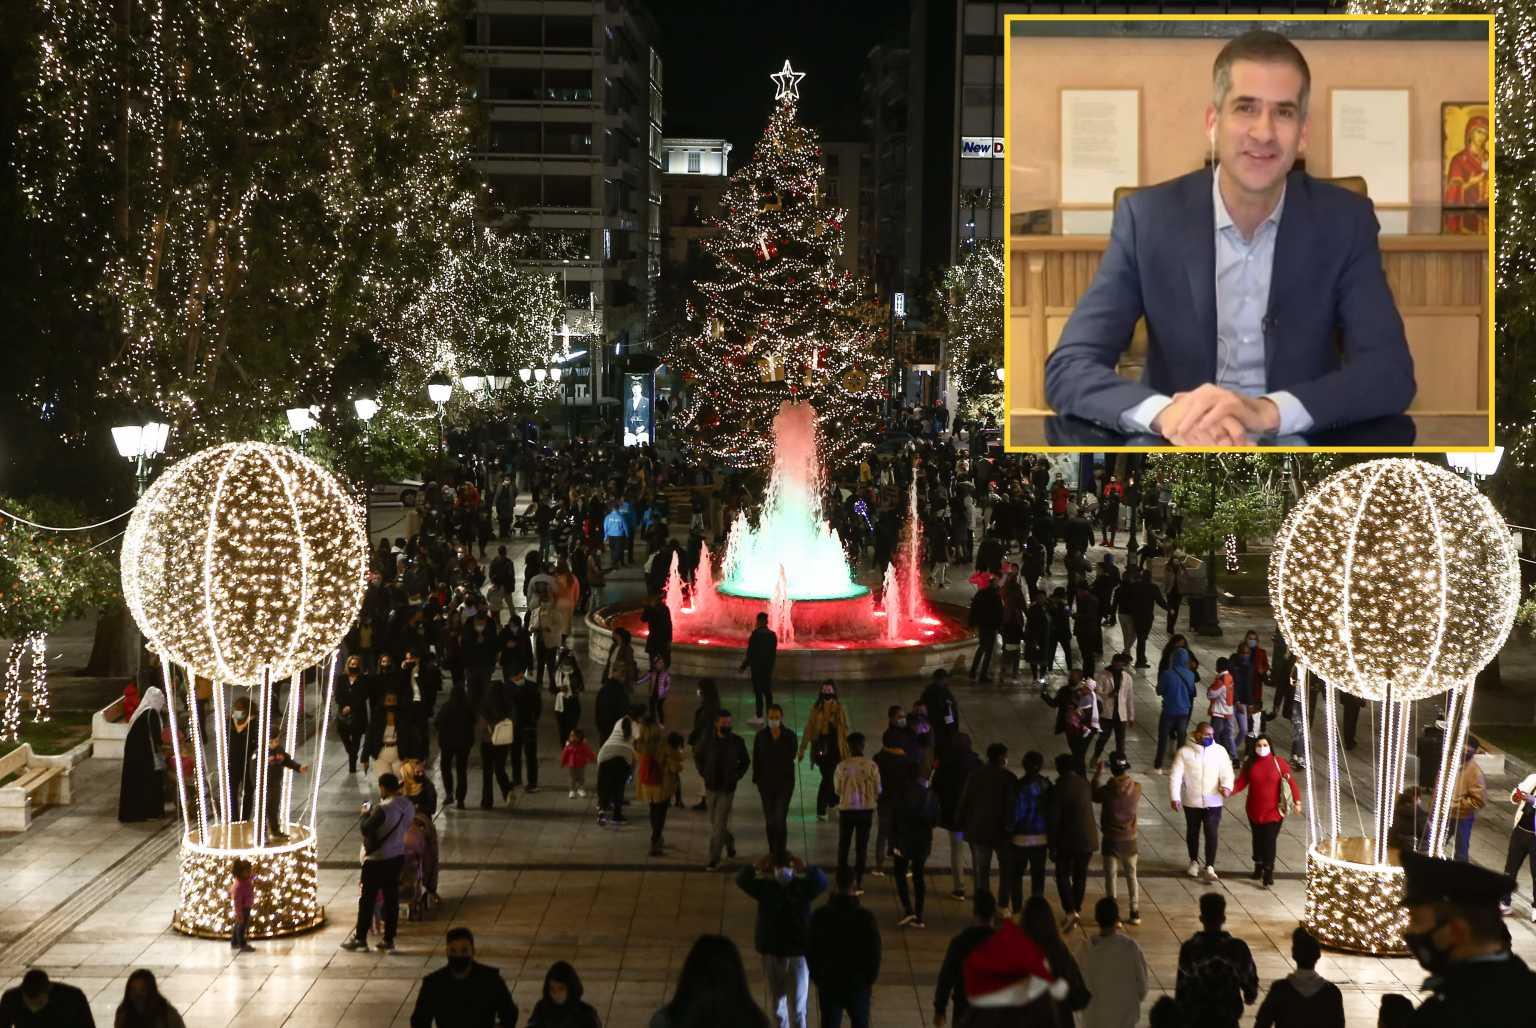 Έτσι θα γίνει η αλλαγή χρόνου στην Αθήνα – Μπακογιάννης: Θα είναι μια έκπληξη που θα θυμόμαστε (video)